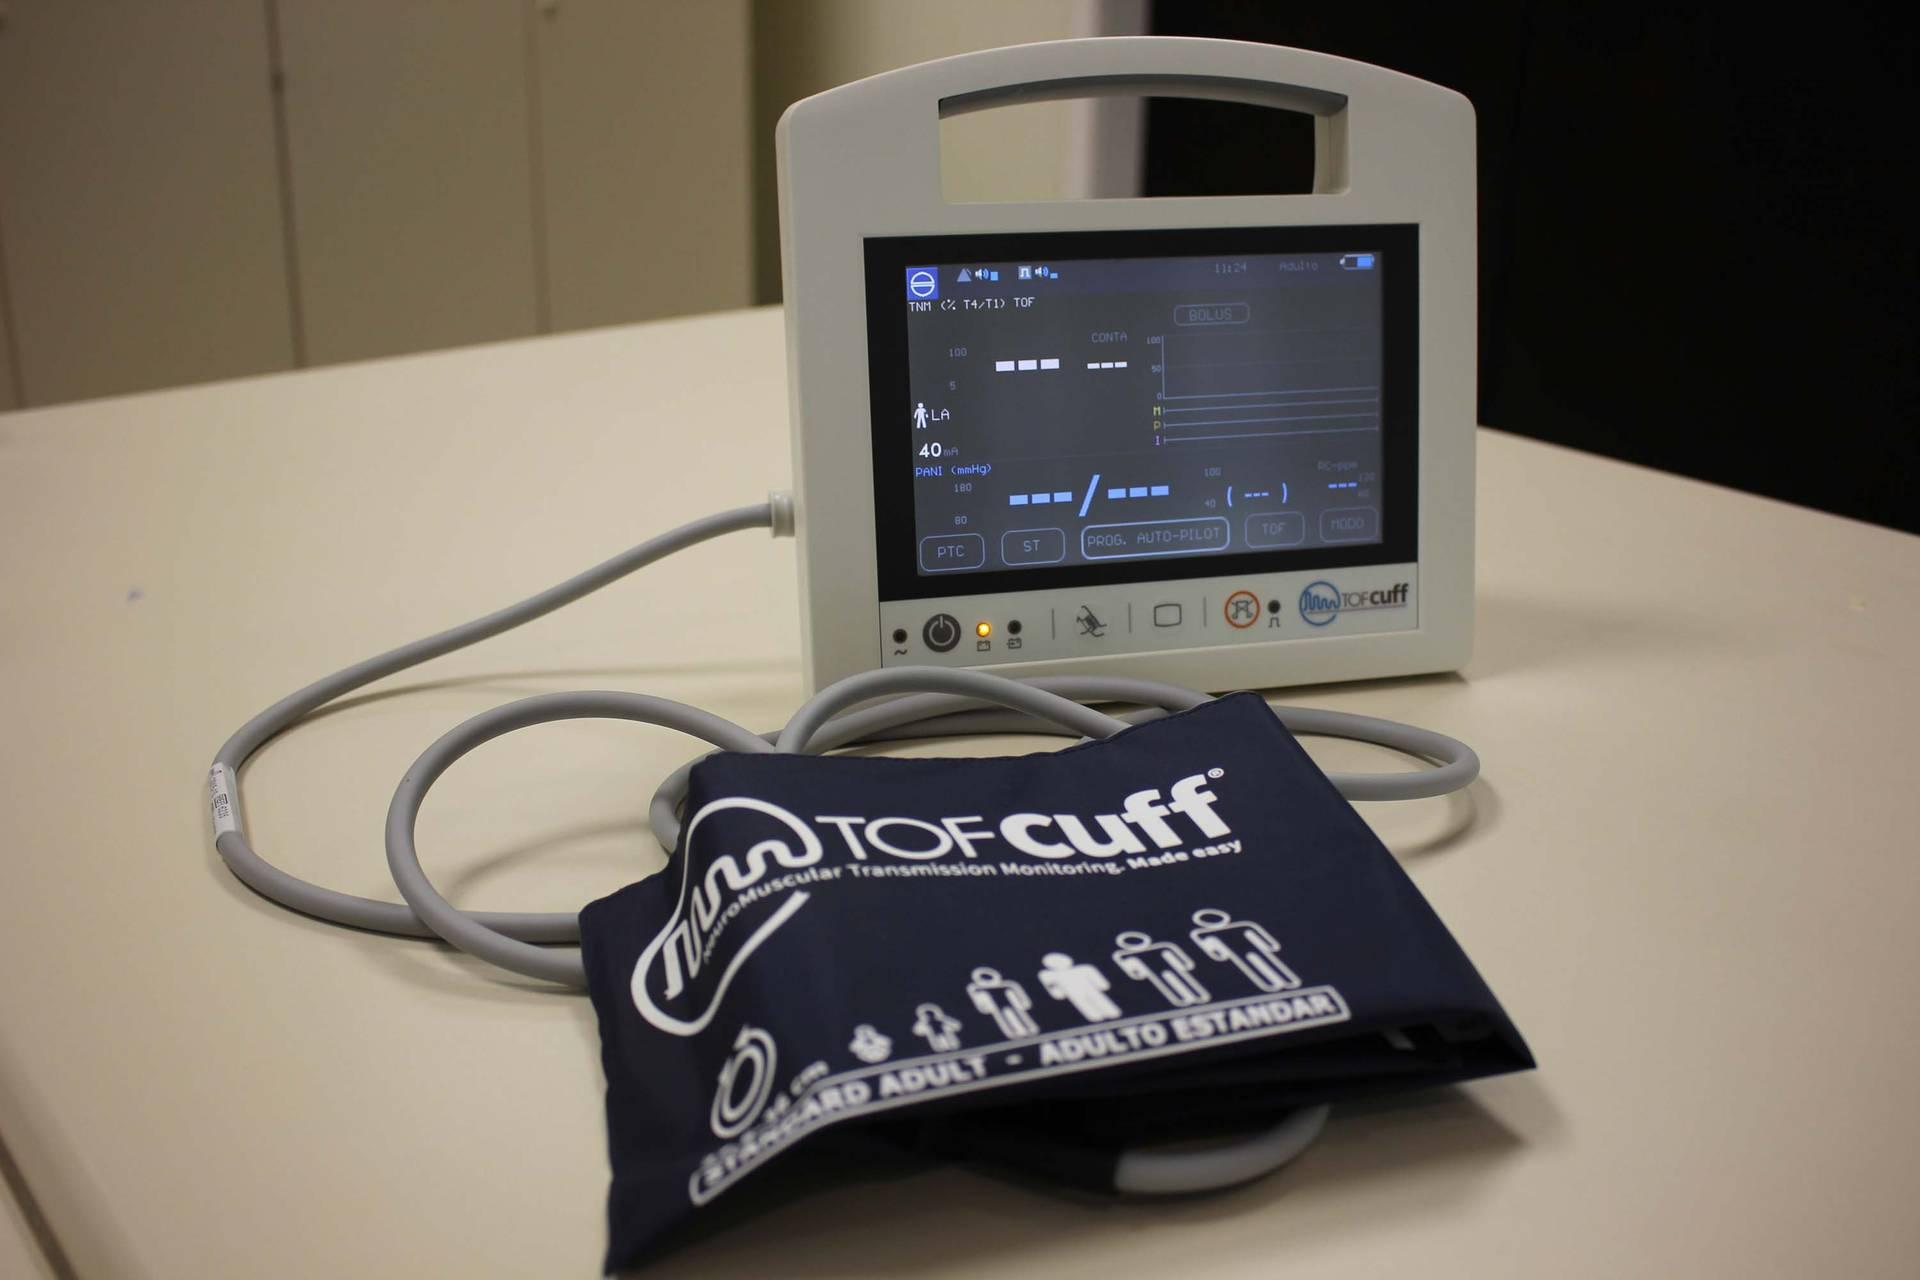 Empresa de Curitiba, fundada no início deste ano, receberá apoio no desenvolvimento do processo de fabricação de um monitor portátil, inédito no país, que será usado para monitorar o bloqueio neuromuscular de um paciente que for anestesiado.